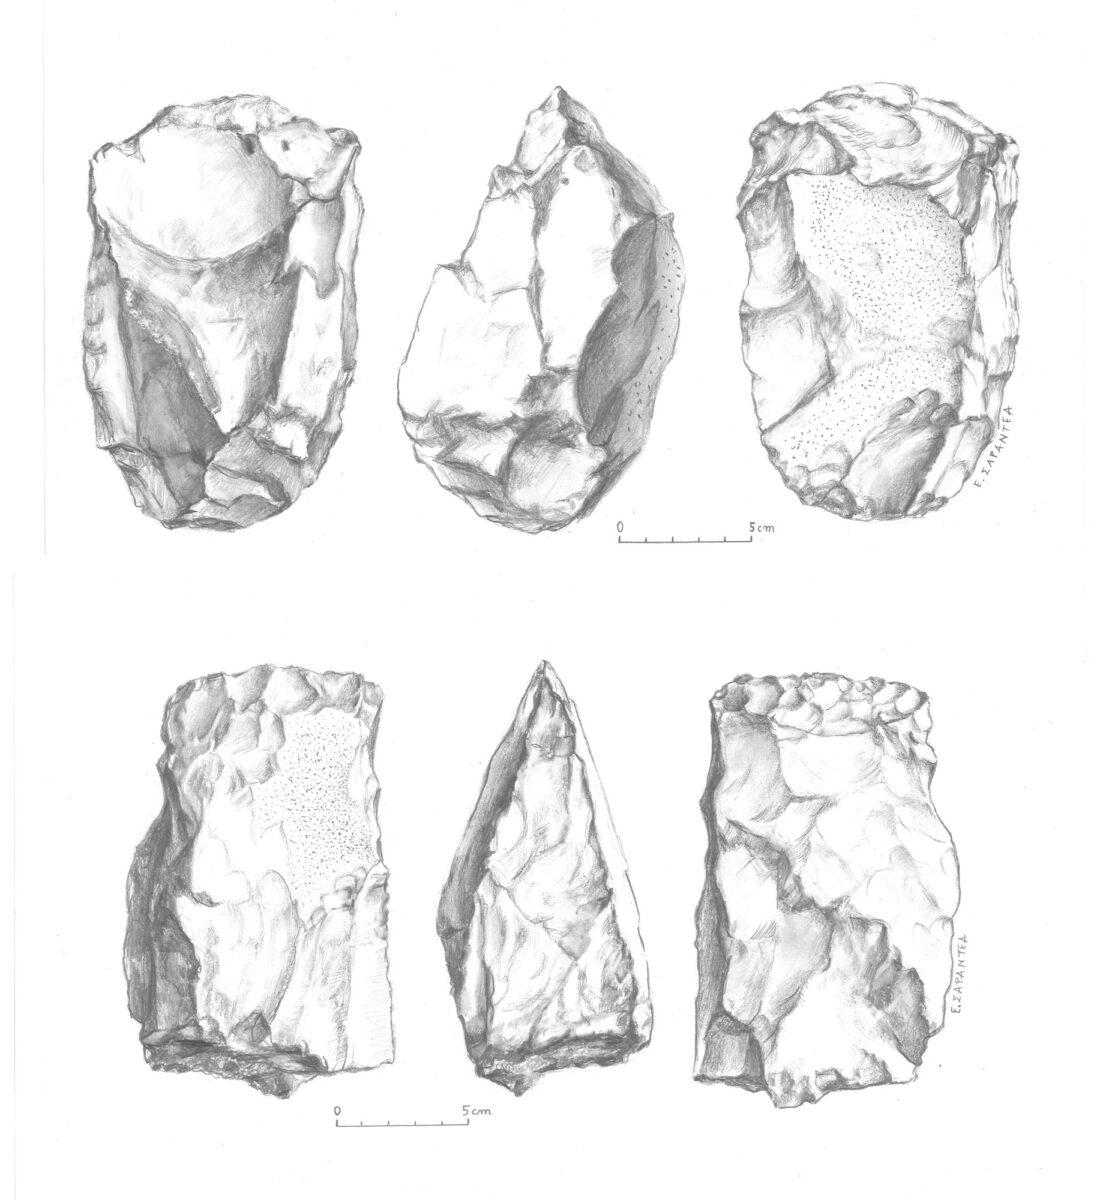 Εικ. 7. Επάνω, ογκώδης λυρόσχημος κοπέας (cleaver) μήκους 16,5 εκ., βάρους 1.980 γρ., με κυματοειδή ακμή και τον φλοιό του πετρώματος στη μια όψη. Οι διαστάσεις της τετράπλευρης τομής είναι 11x11 εκ. Κάτω, ογκώδης κοπέας (cleaver) μήκους 16 εκ., με τον φλοιό του πετρώματος στη βάση. Οι τομές του σε σχήμα πλάγιου παραλληλόγραμμου και πεντάγωνου. Από τη Φανερωμένη, θέση «Μαντρί» (σχέδια: Ε. Σαραντέα-Μίχα).